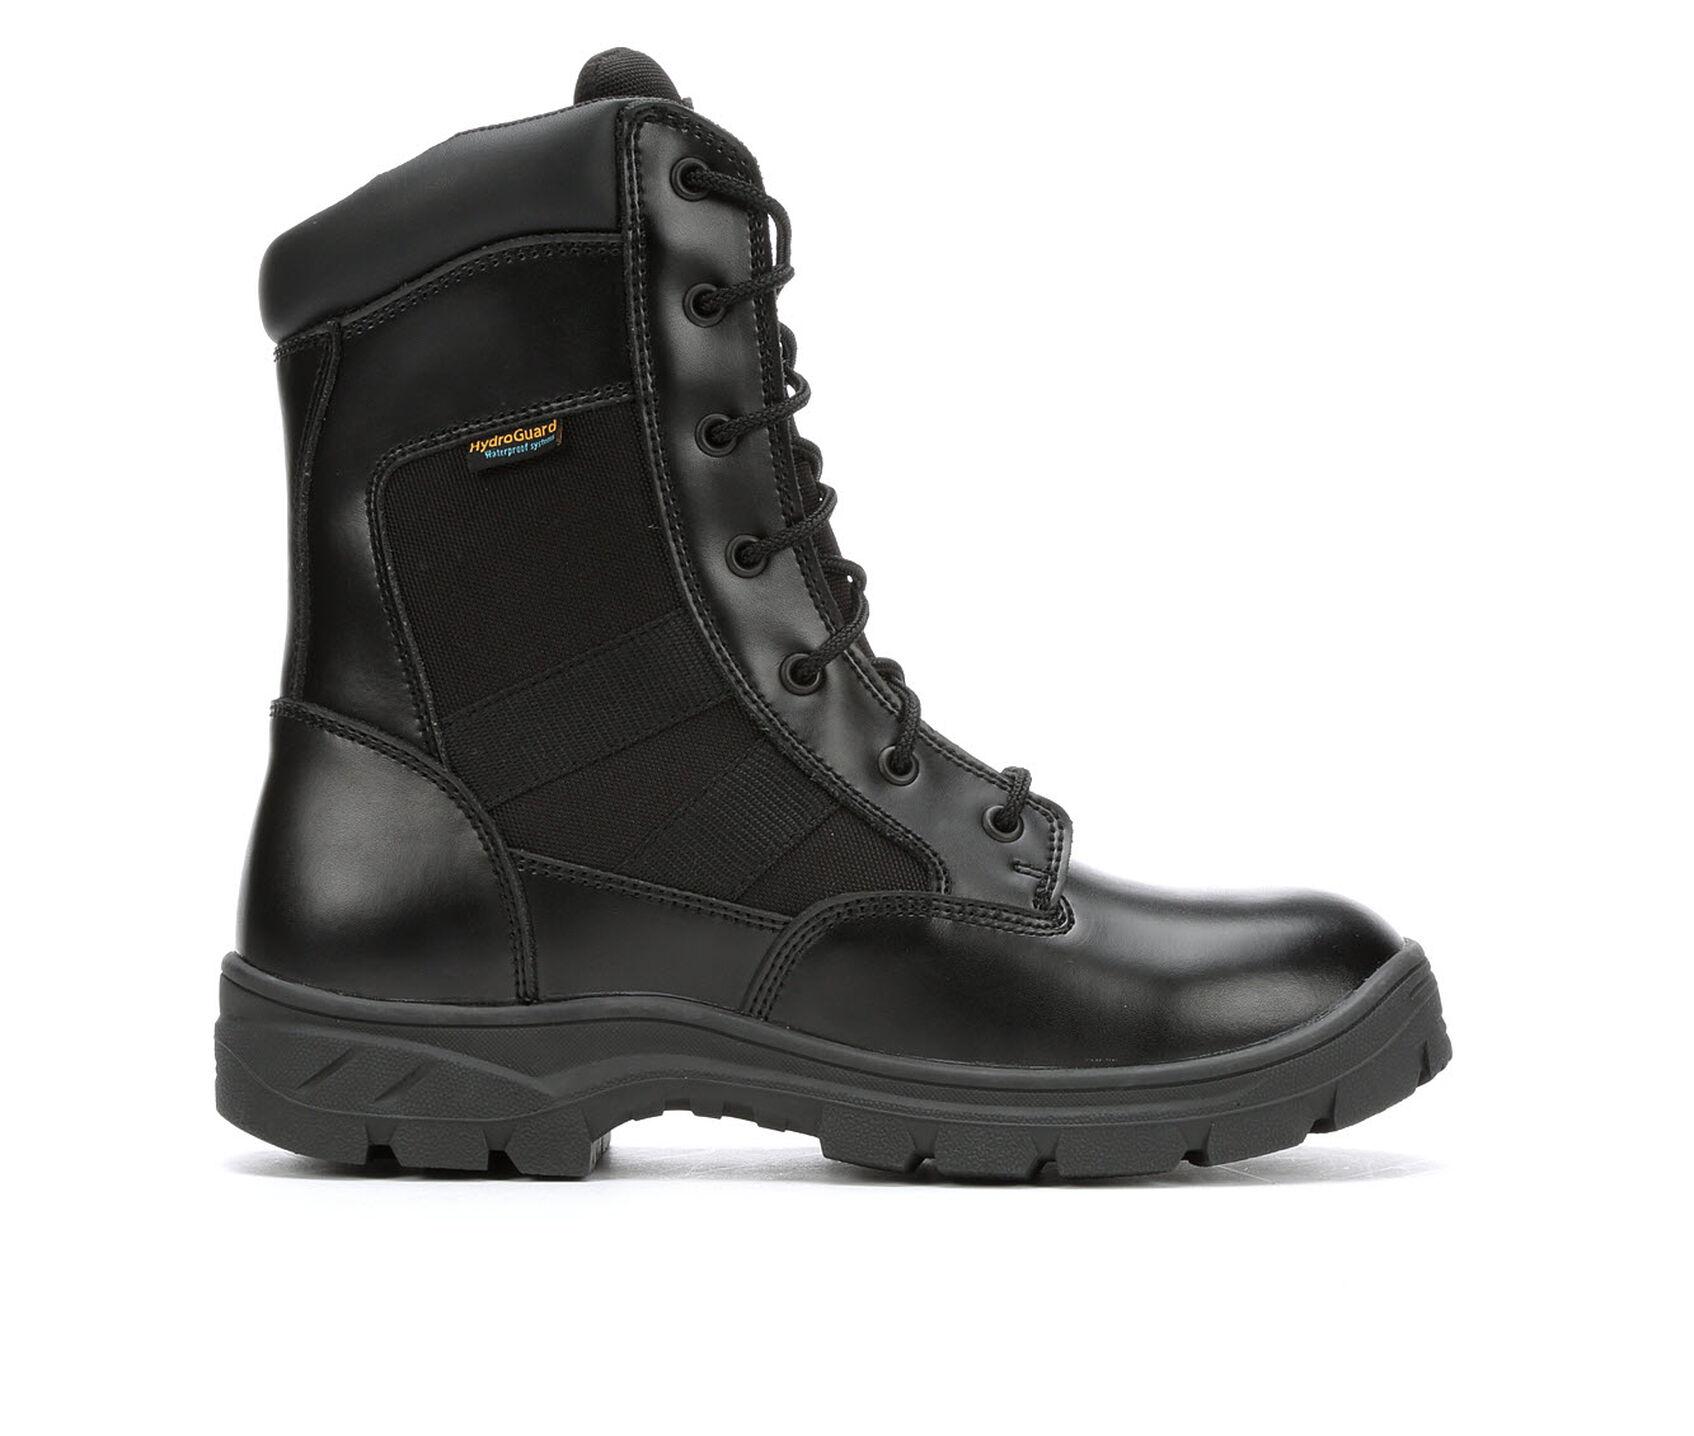 df7d1770e56 Men's Skechers Work Athas Zip Waterproof 77514 Work Boots